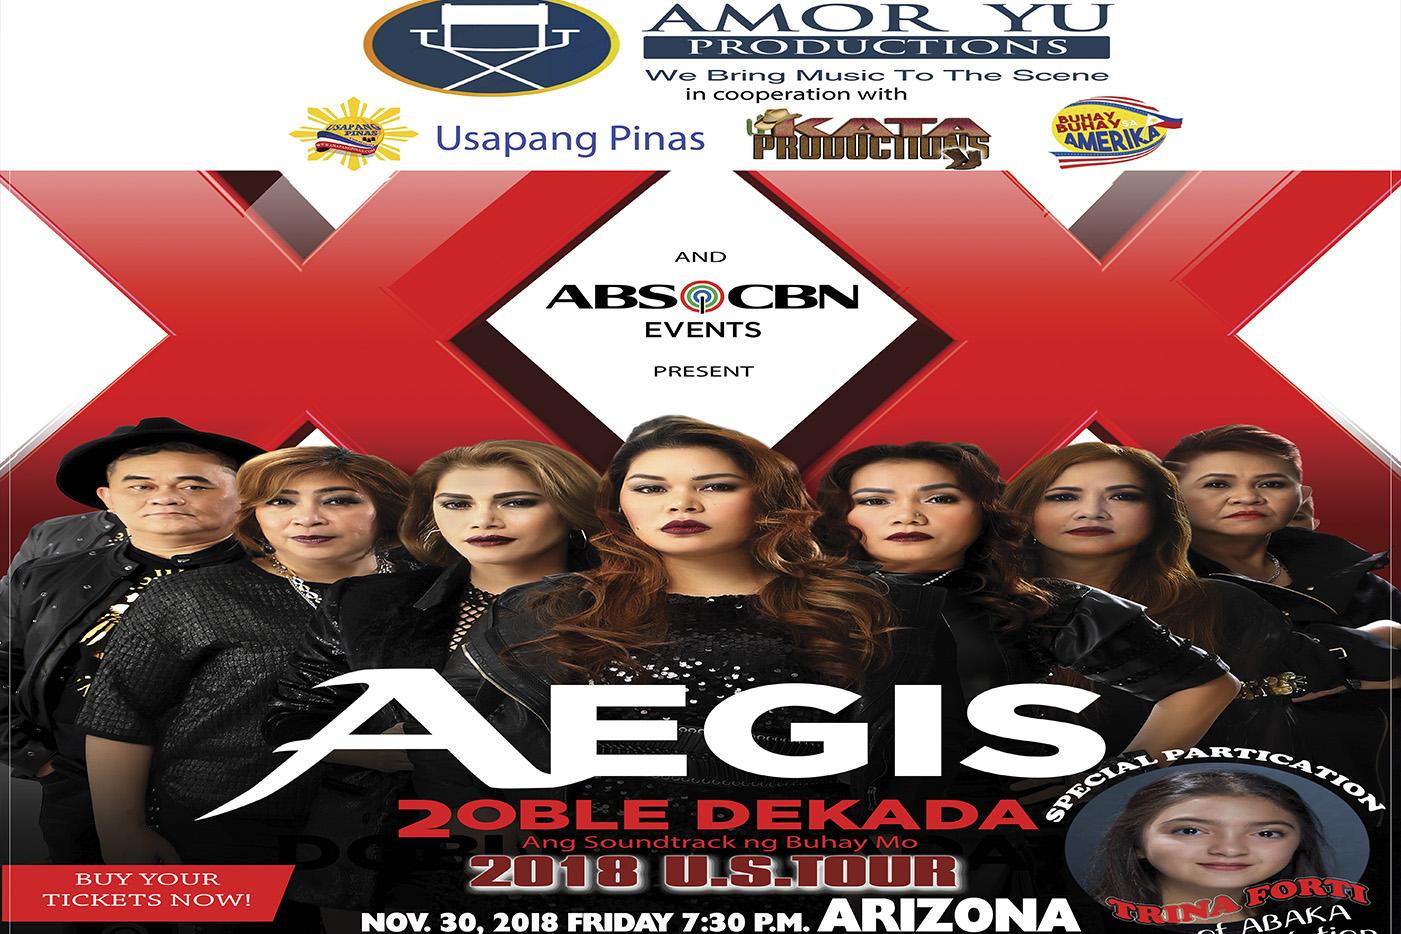 The Aegis Band Live In Wild Horse Pass Casino Chandler Arizona Nov. 30, 2018